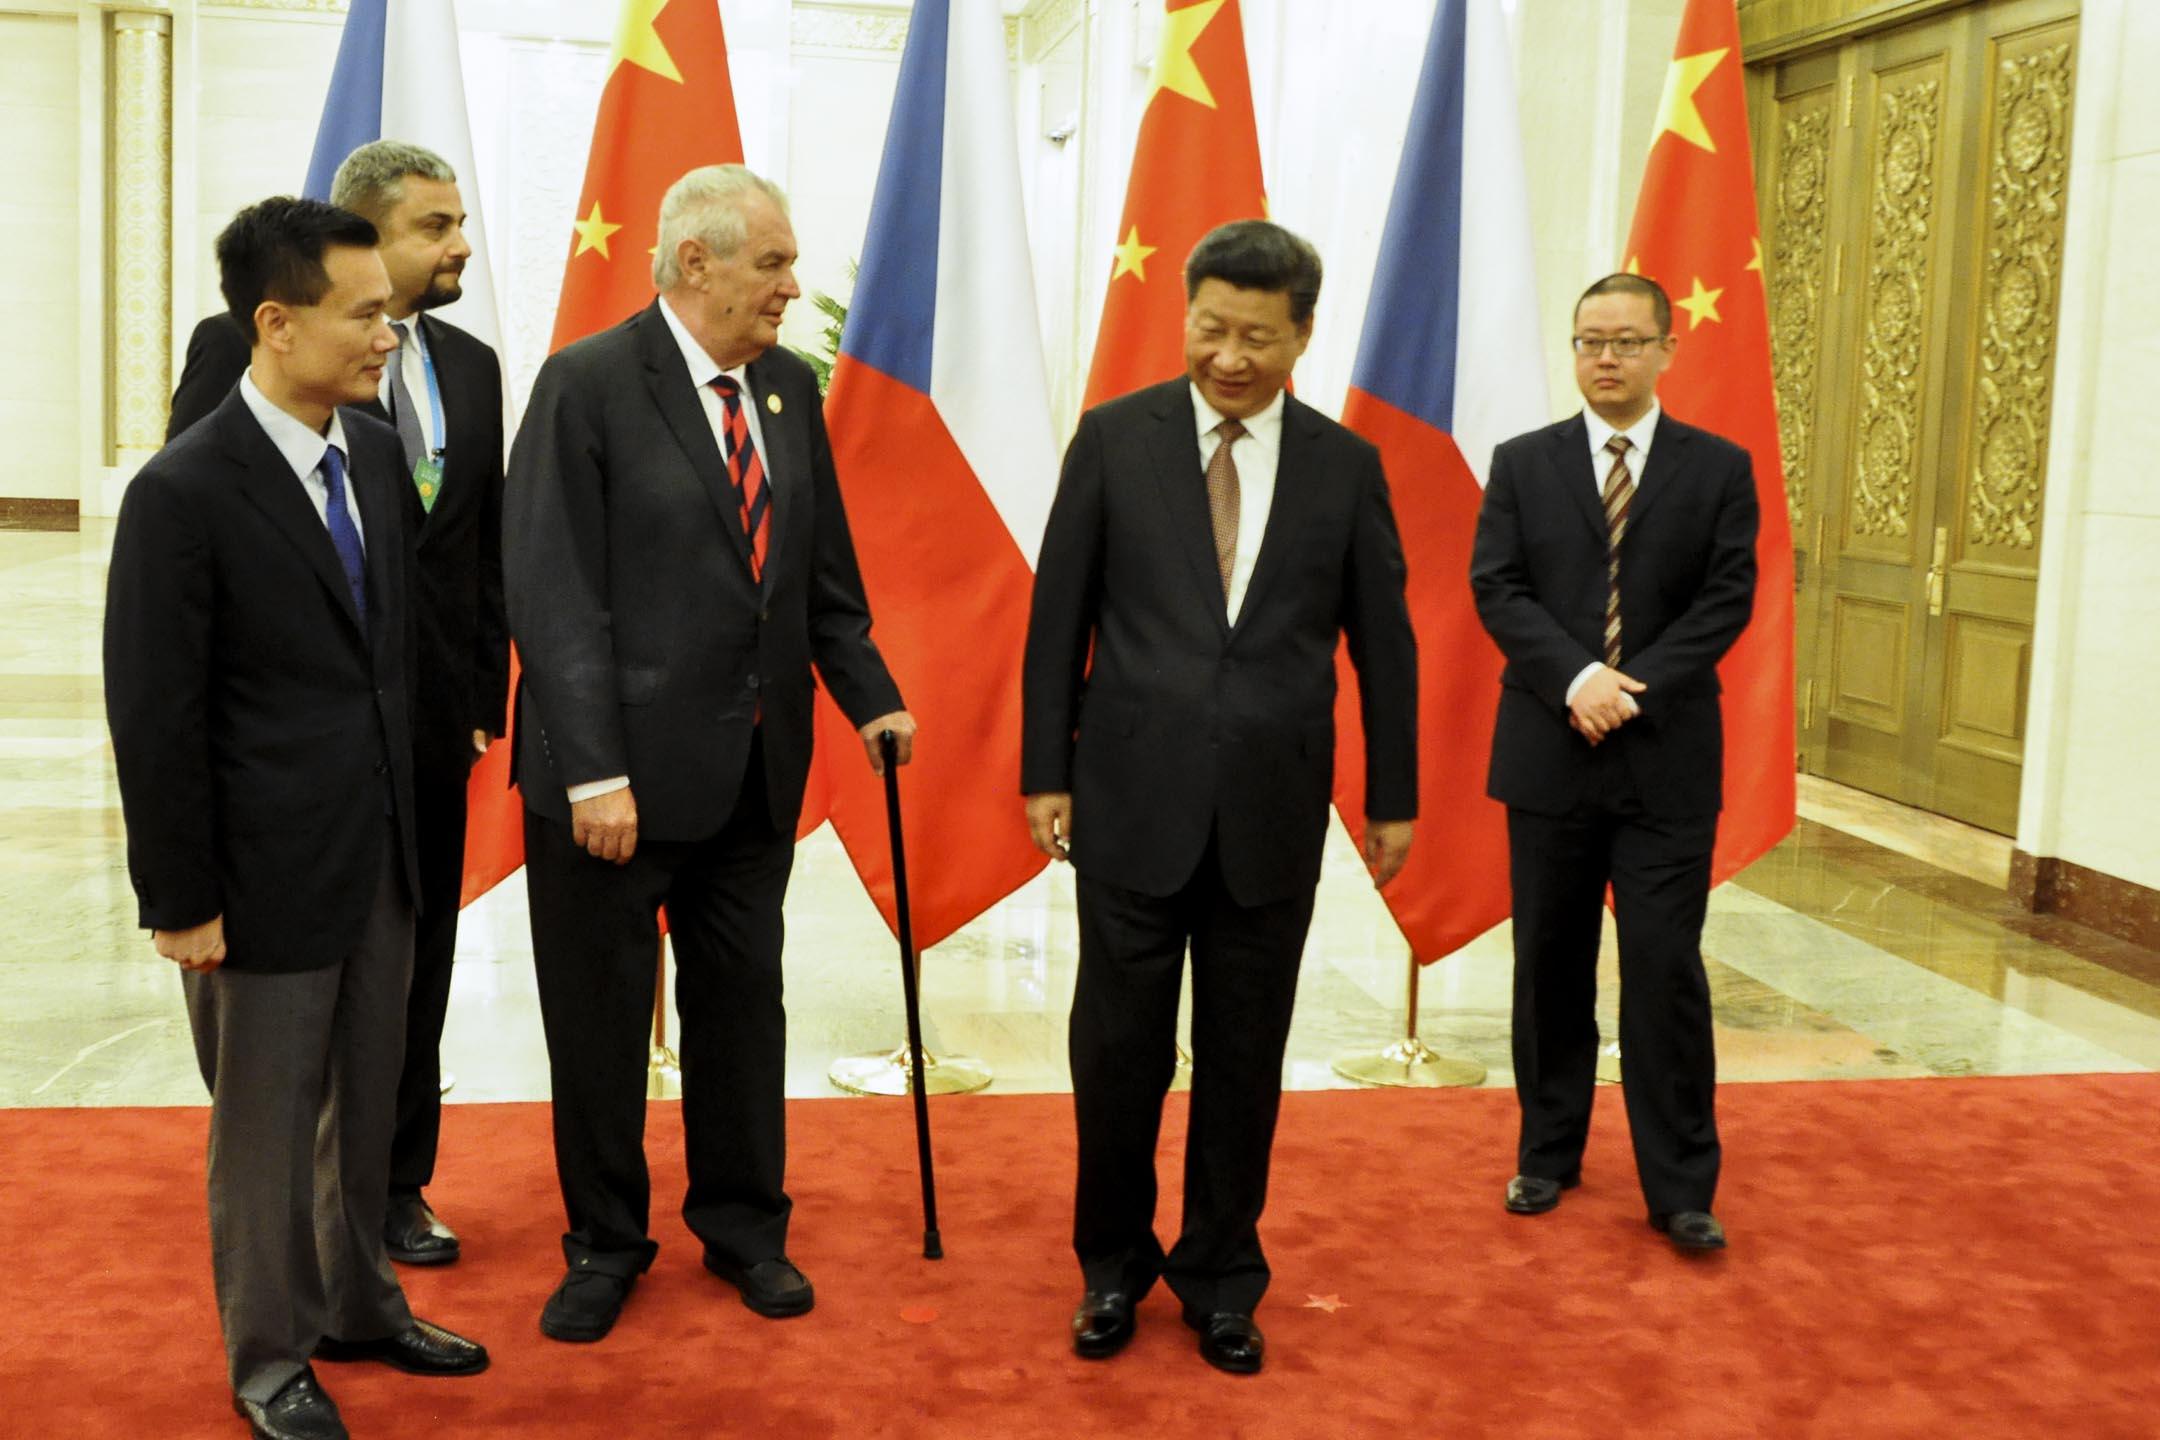 2015年9月4日,中國國家主席習近平在北京人民大會堂迎接捷克總統澤曼及中國華信能源董事長葉簡明。 攝:Lucie Mikolaskova/CTK via AP/達志影像